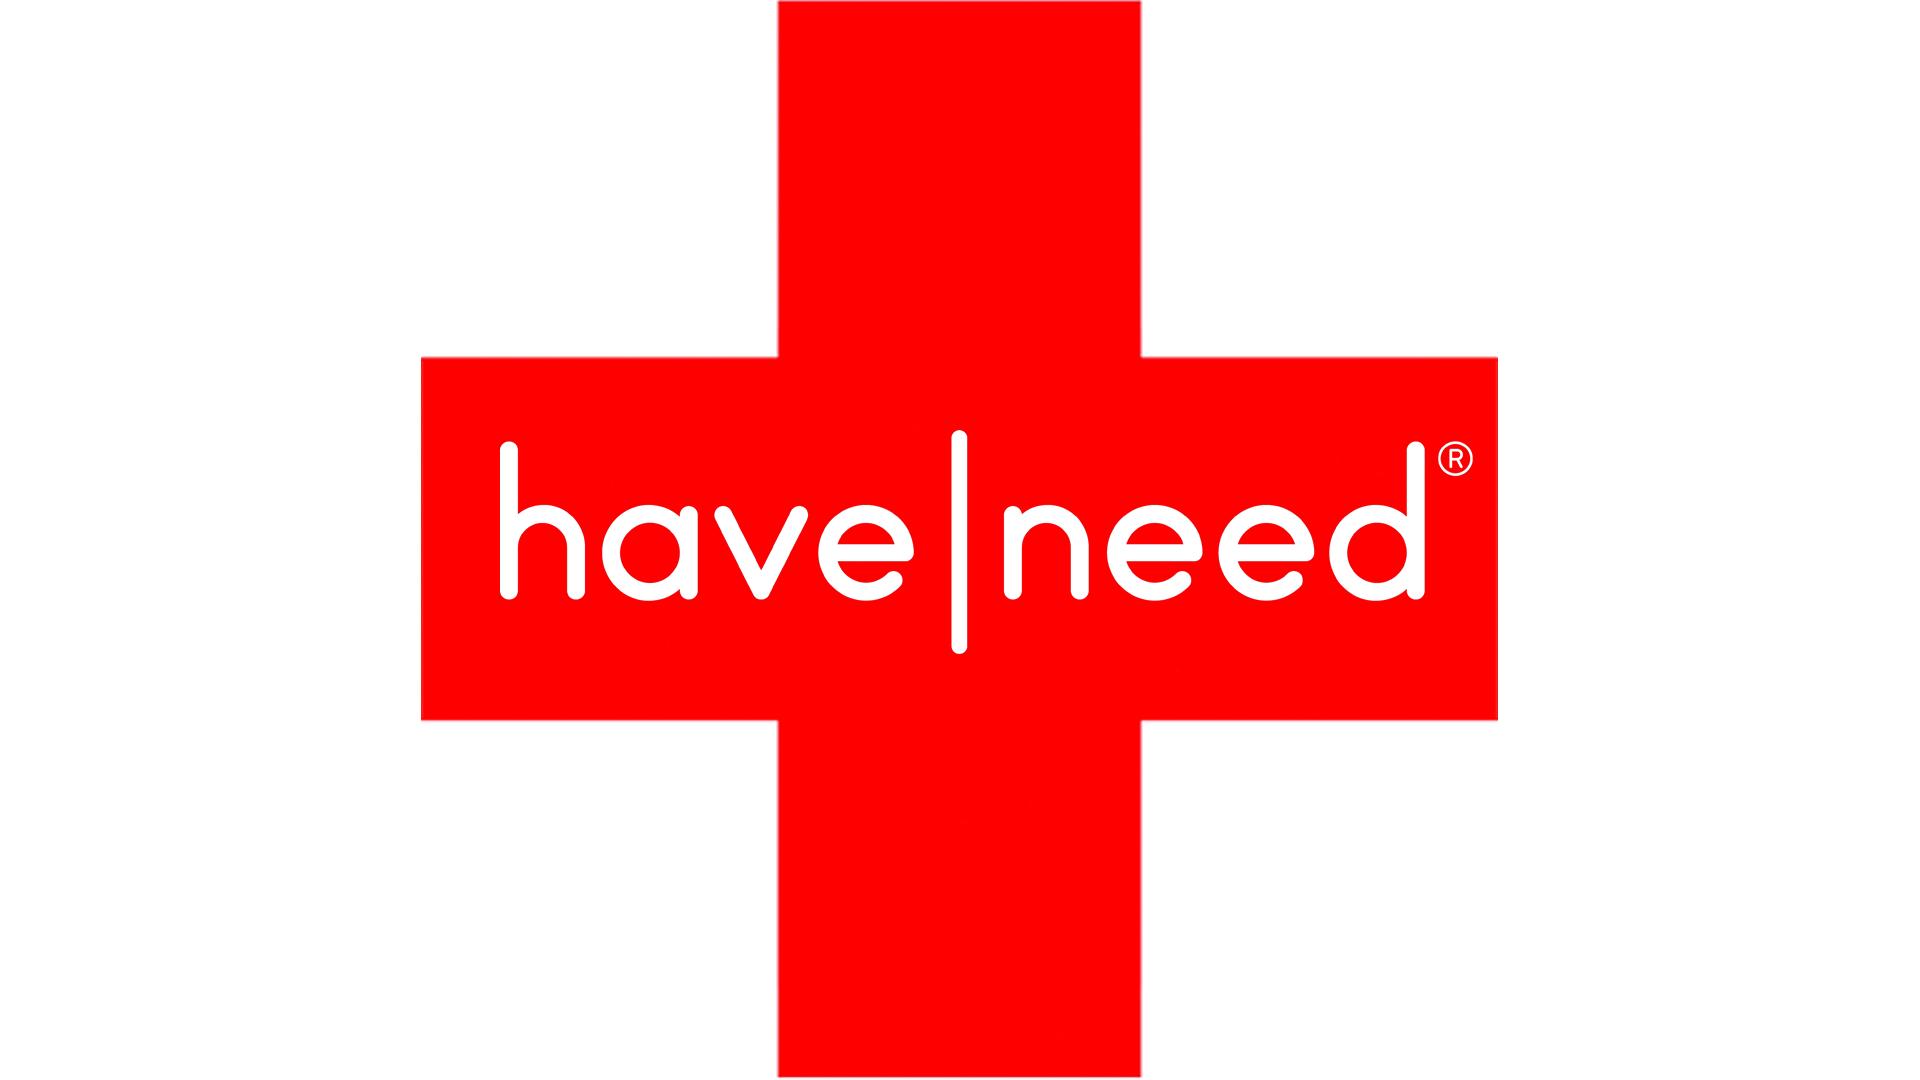 HealthcareWorkersHaveNeed